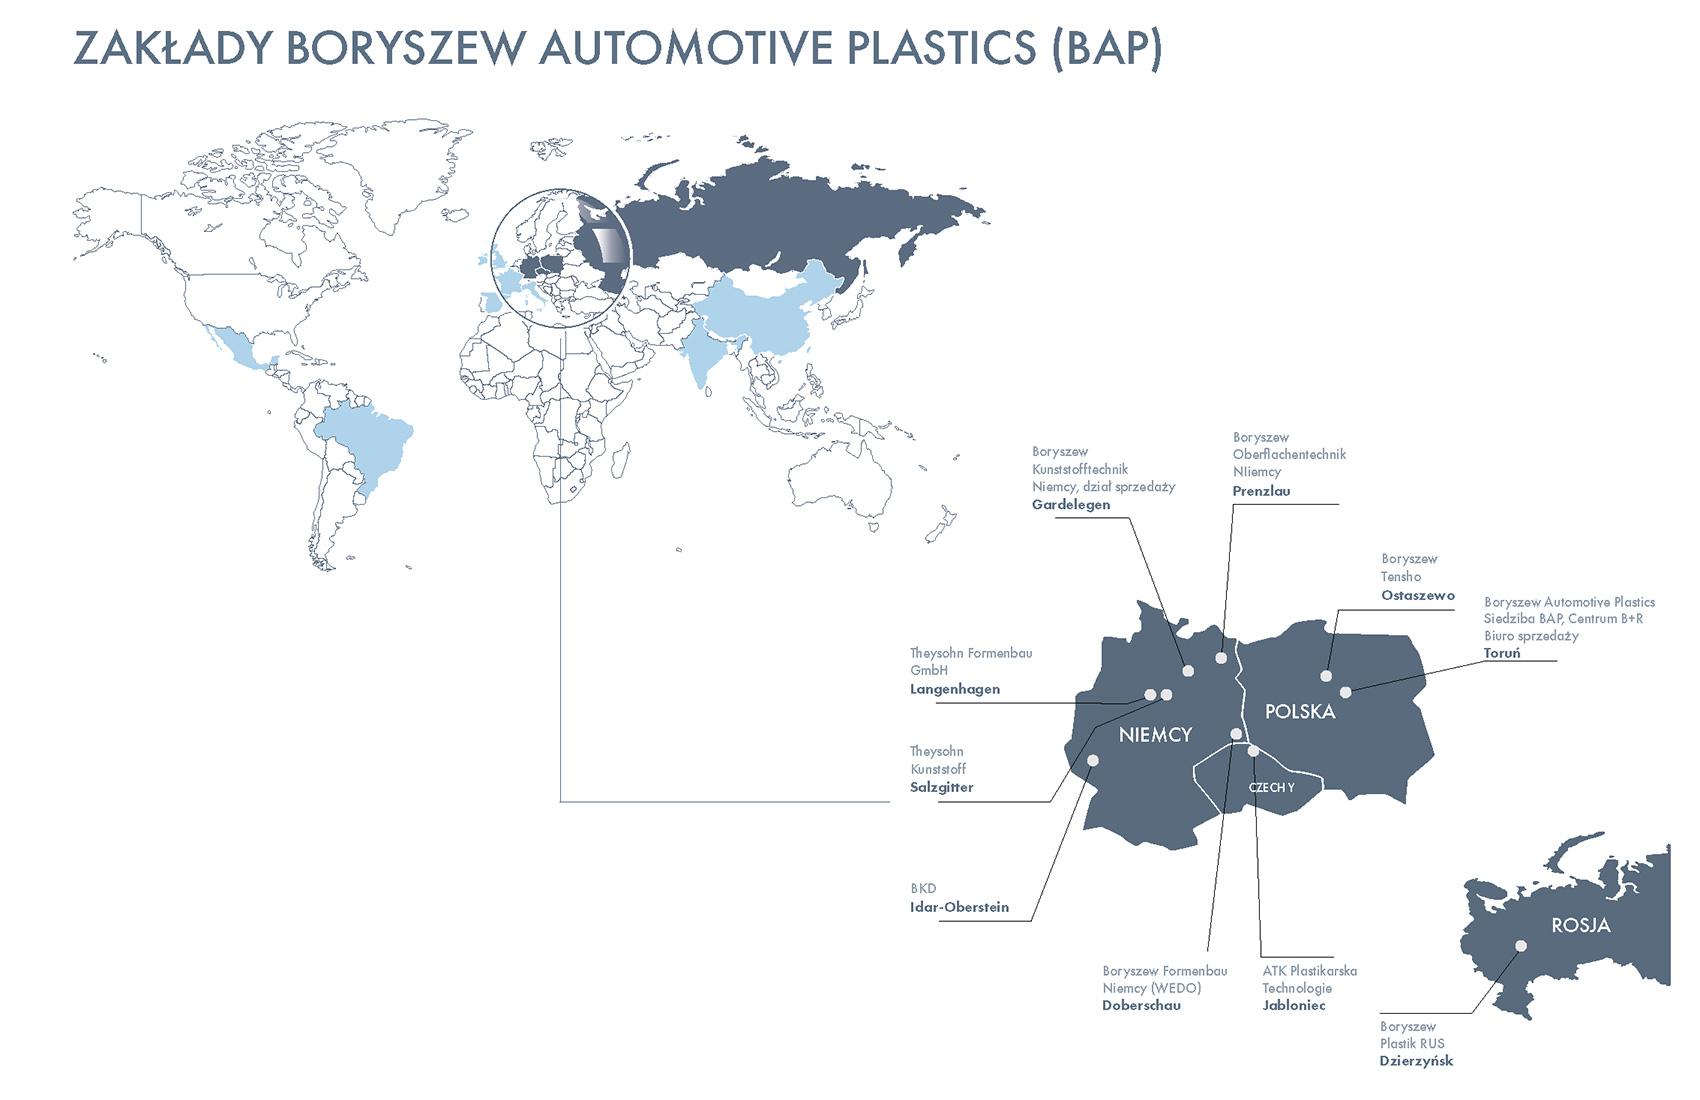 15 ZAKŁADY BORYSZEW AUTOMOTIVE PLASTICS (BAP)